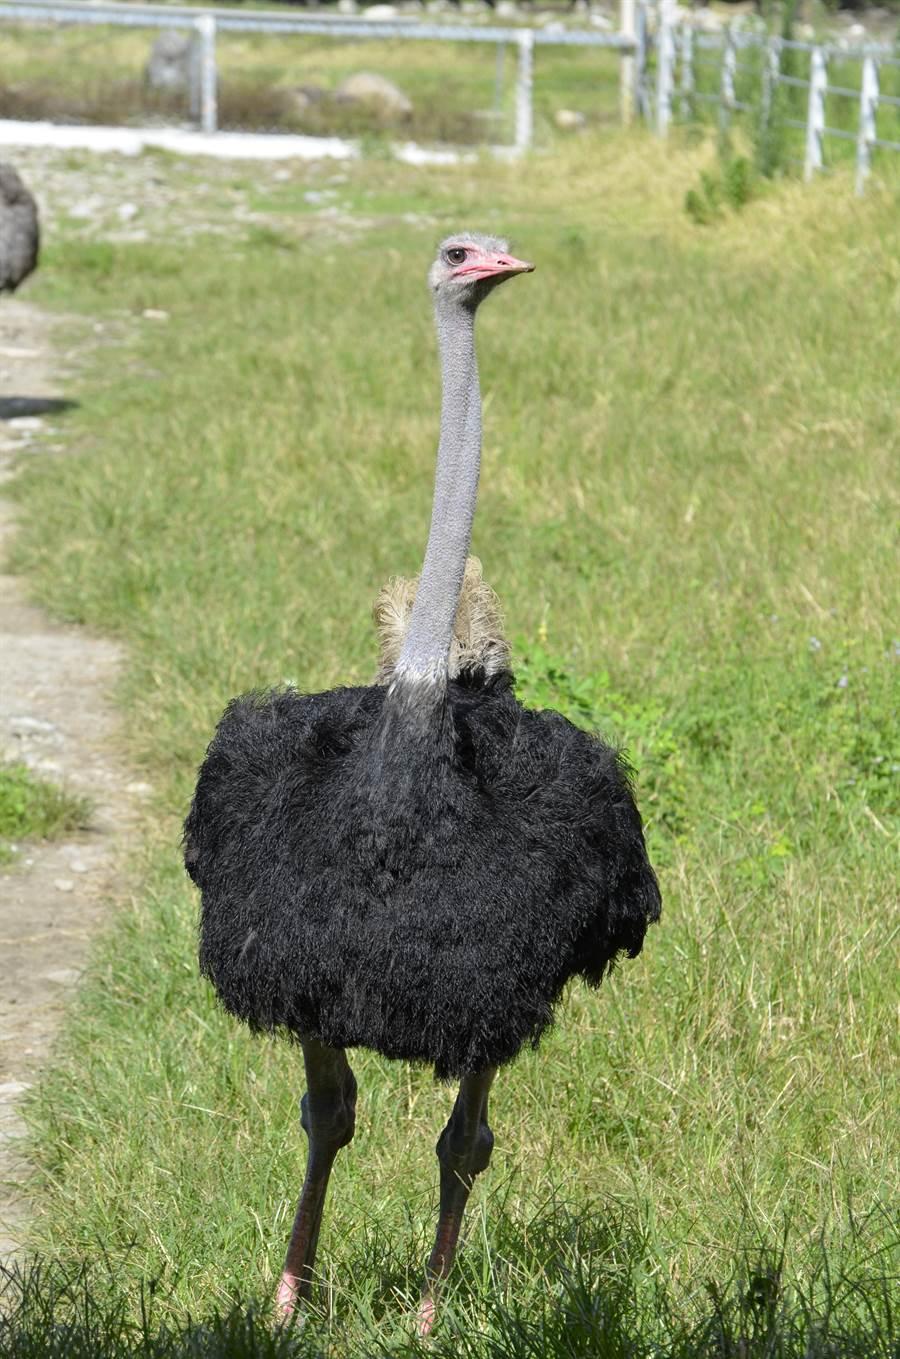 畜試所發現,鴕鳥喜歡綠色以及閃亮白色的物品,對飼育上有很大的幫助。(畜試所提供)